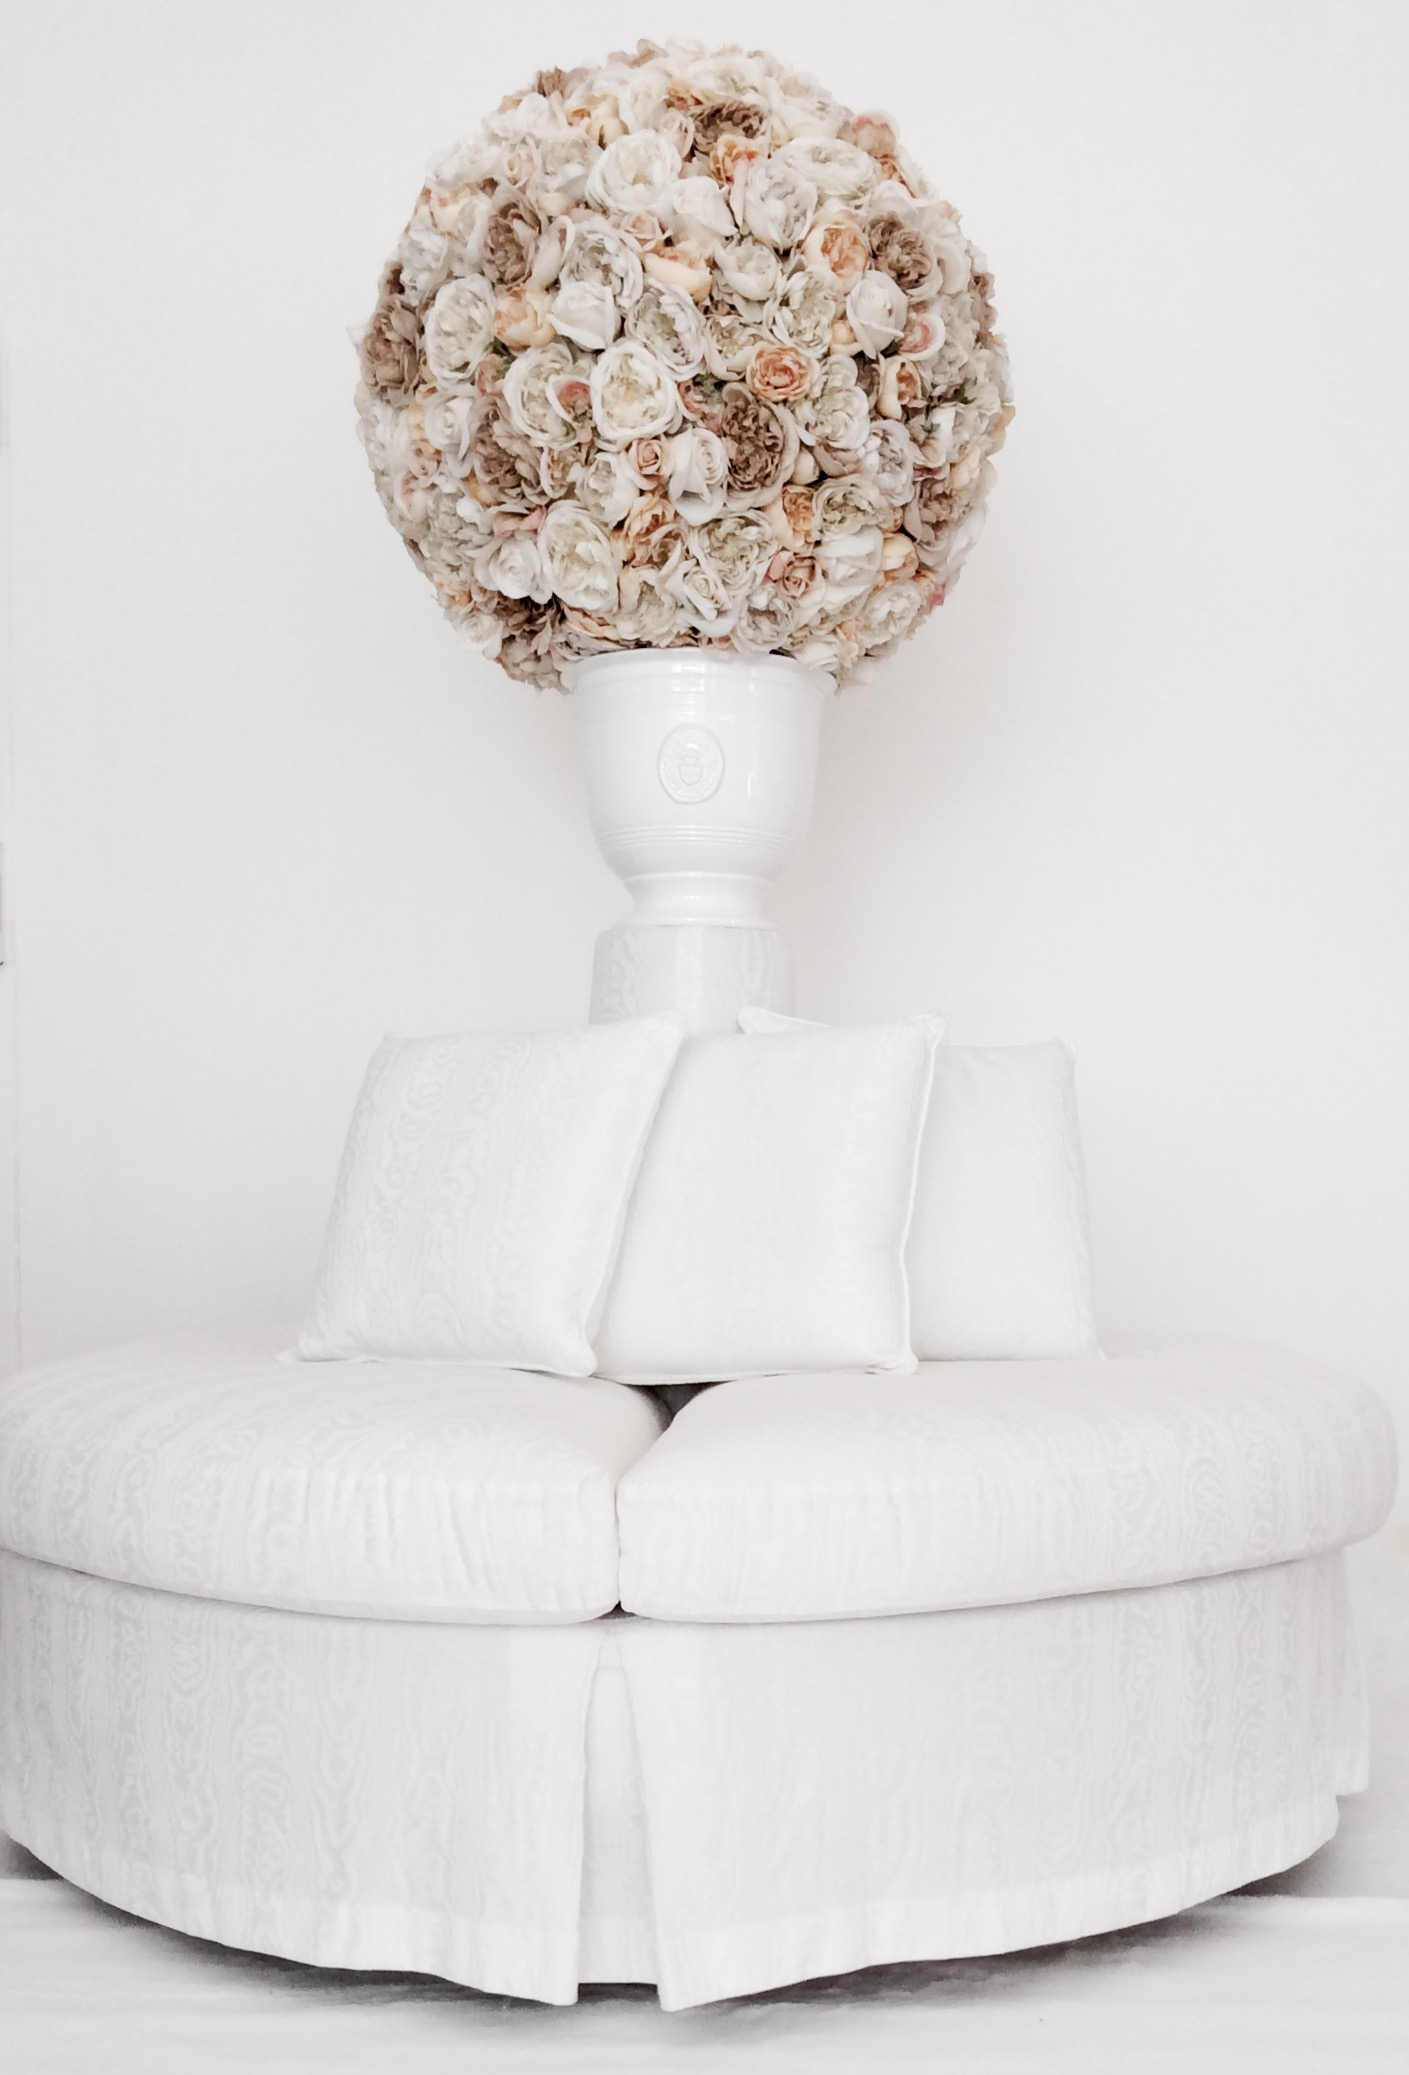 divano tondo rivestimento in cottone rasato bianco  con porta vaso e cuscini misure diam. cm. 150 H cm.48/100